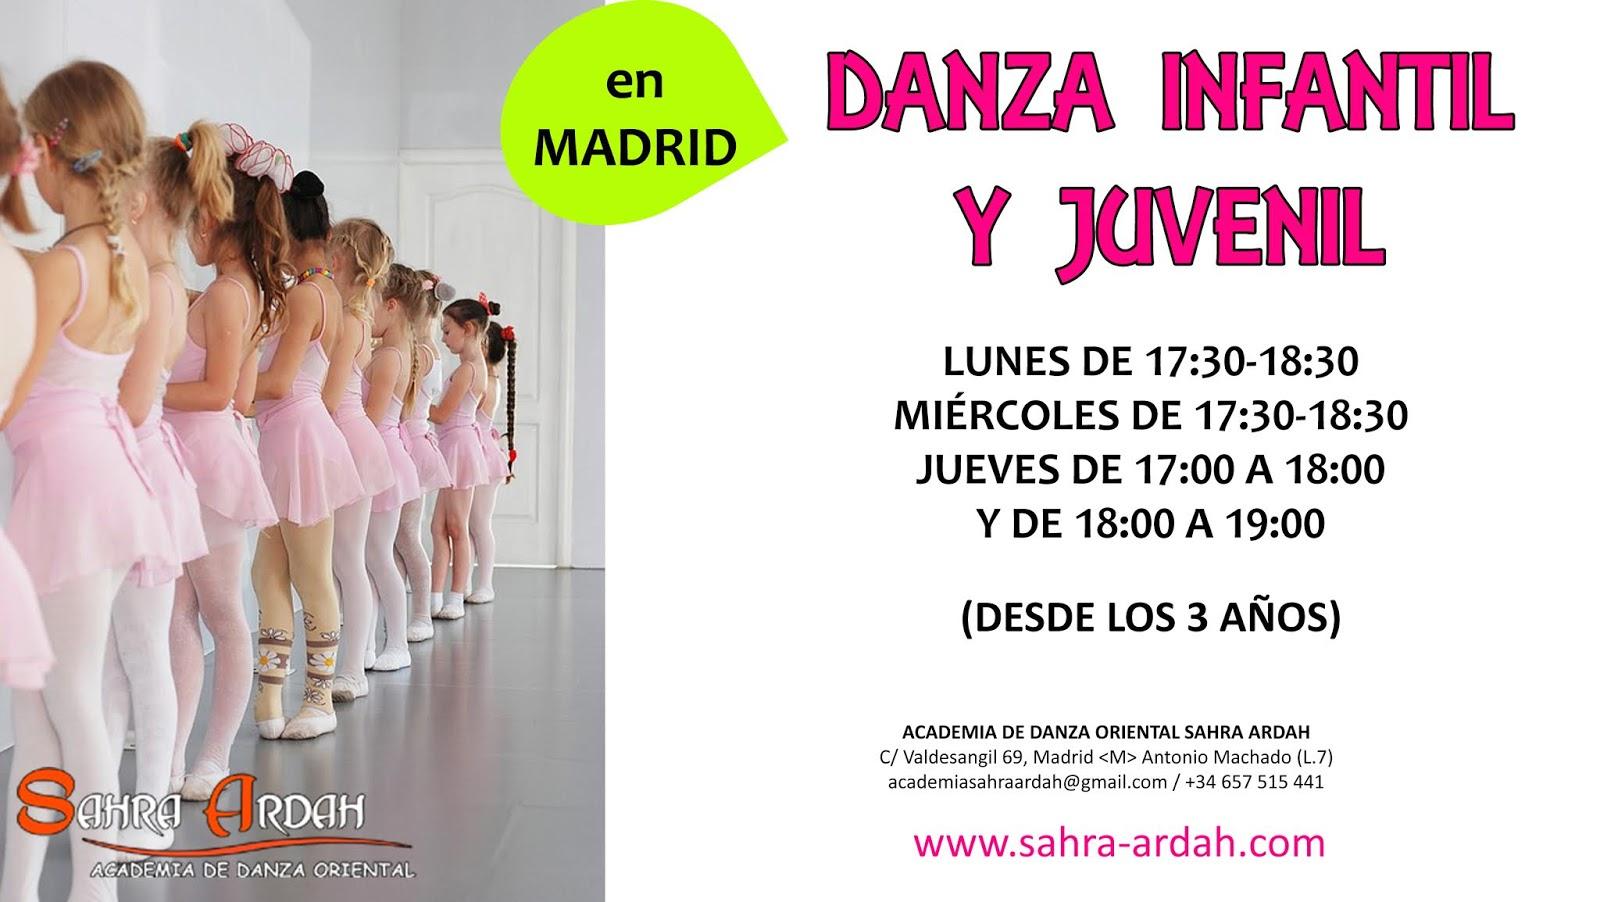 ... te invito a traerla a alguna de nuestras clases en la ACADEMIA DE DANZA  ORIENTAL SAHRA ARDAH e5d00df8d37